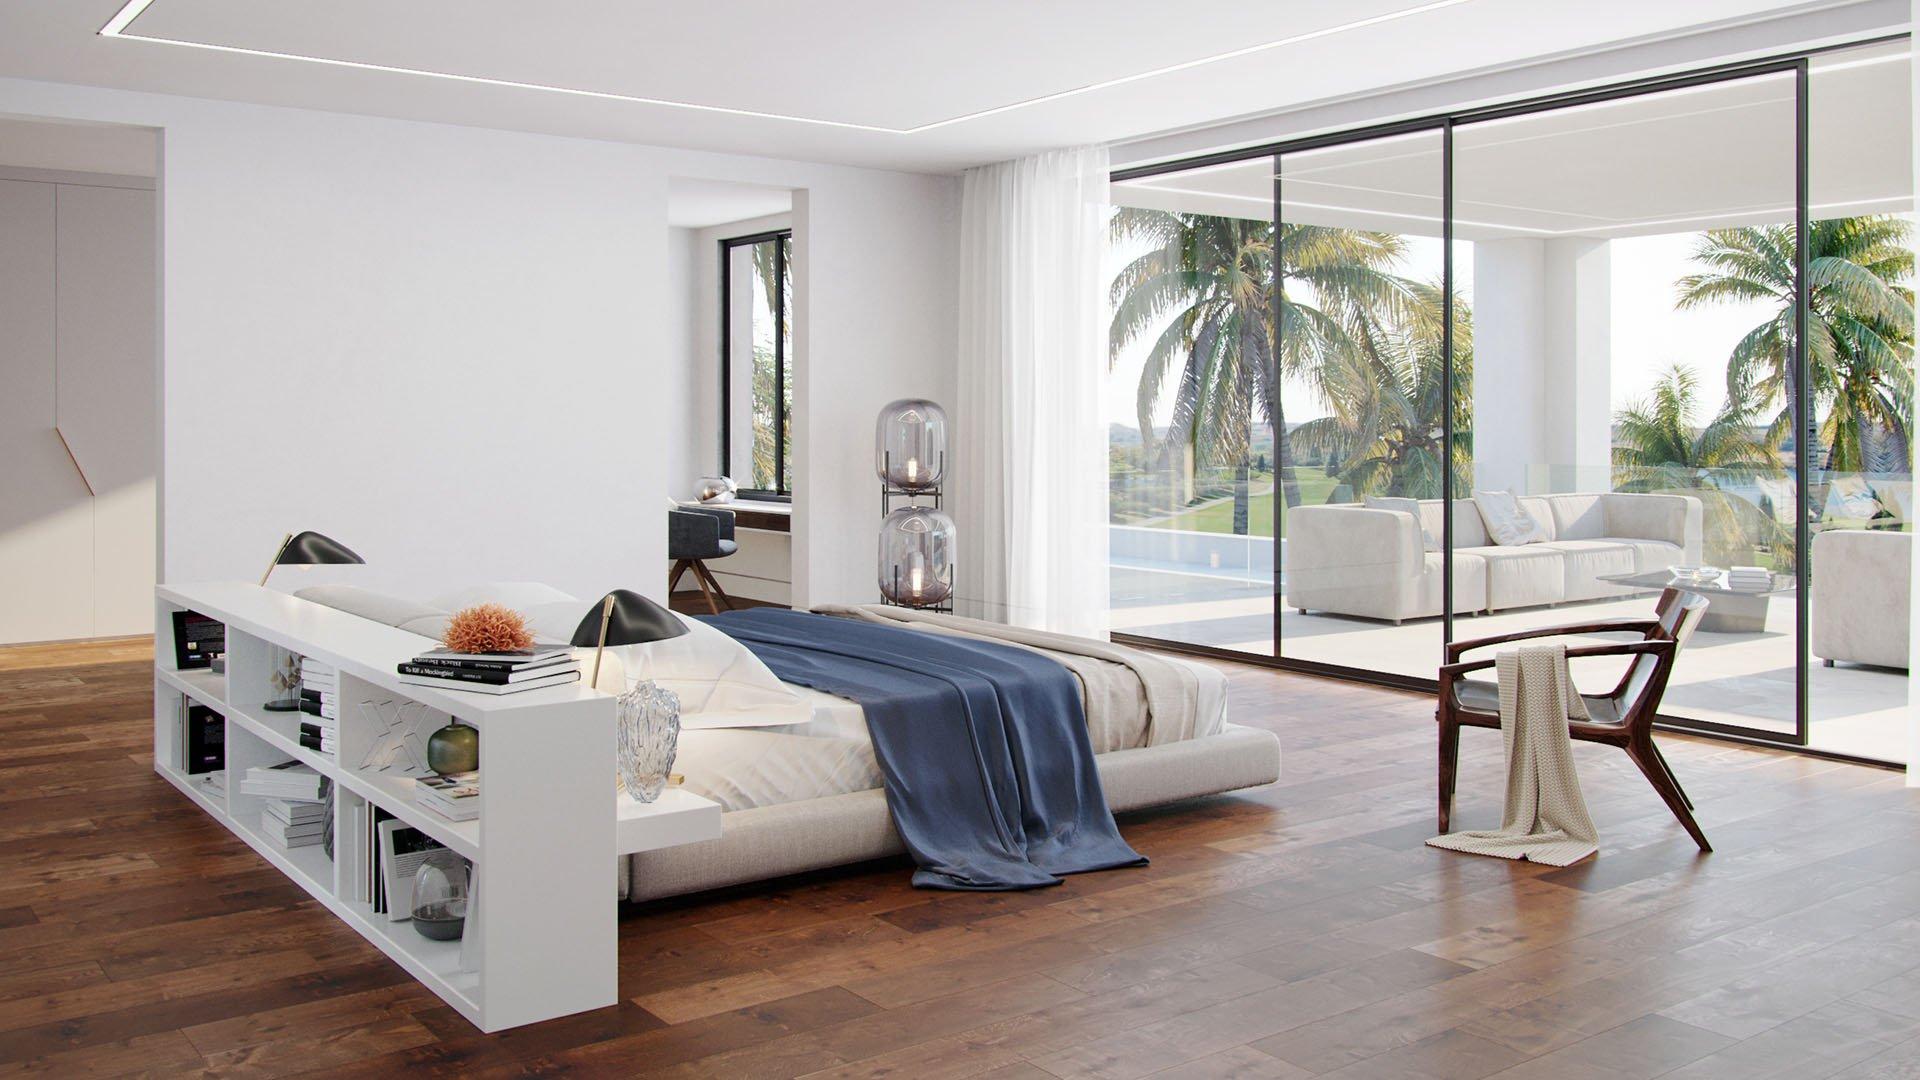 Flamingos 130: Front line golf prestigious luxury villa in Los Flamingos